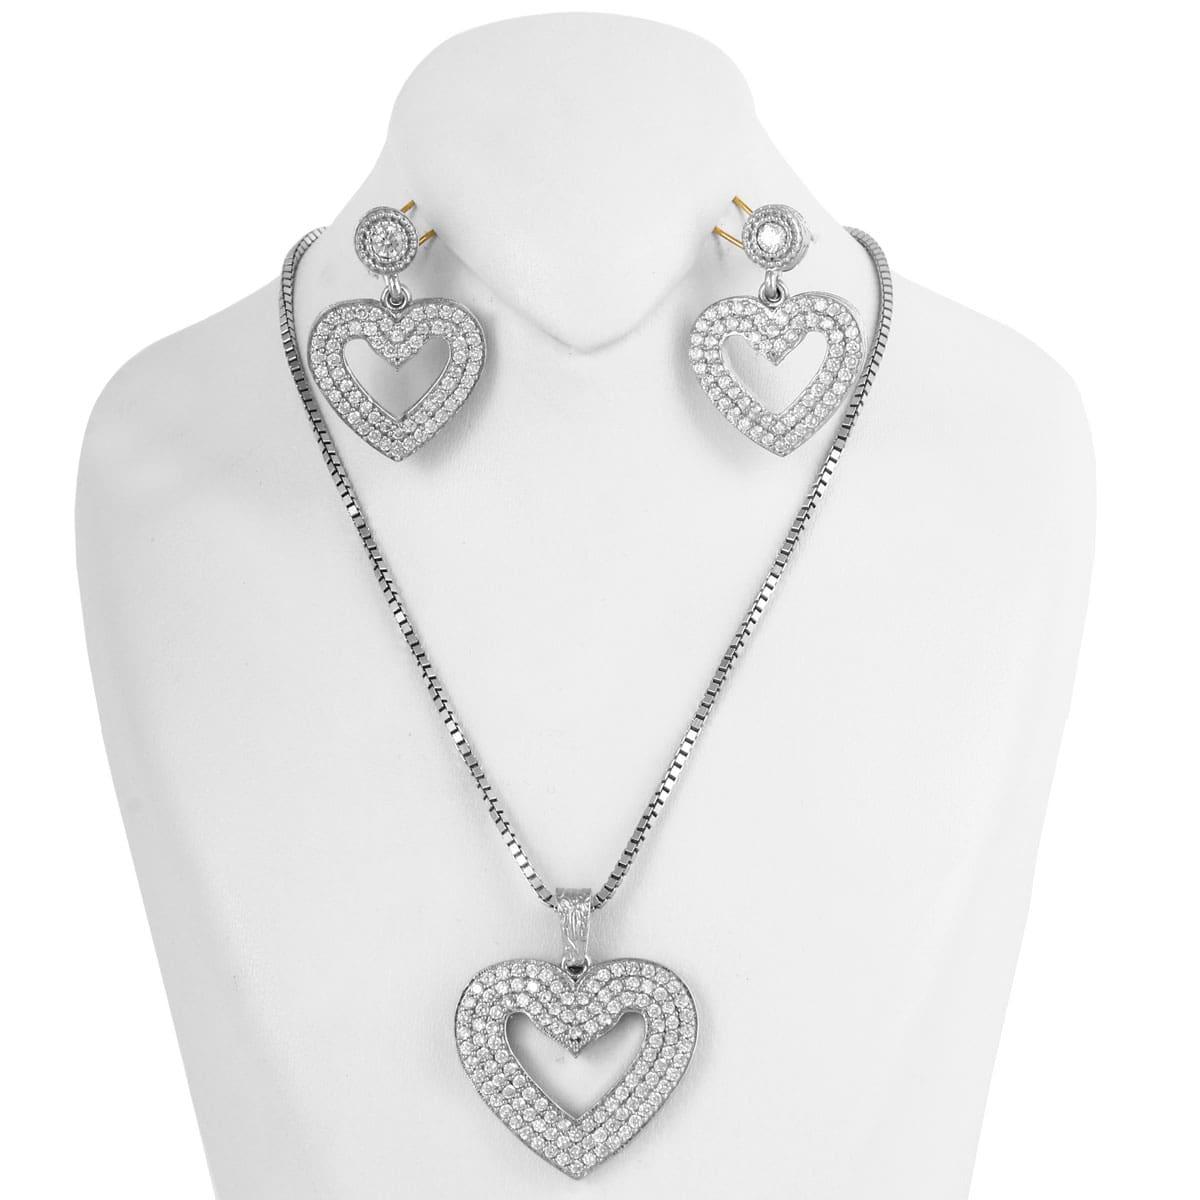 خرید نیم ست نقره زنانه نگین دار مدل قلب نگینی